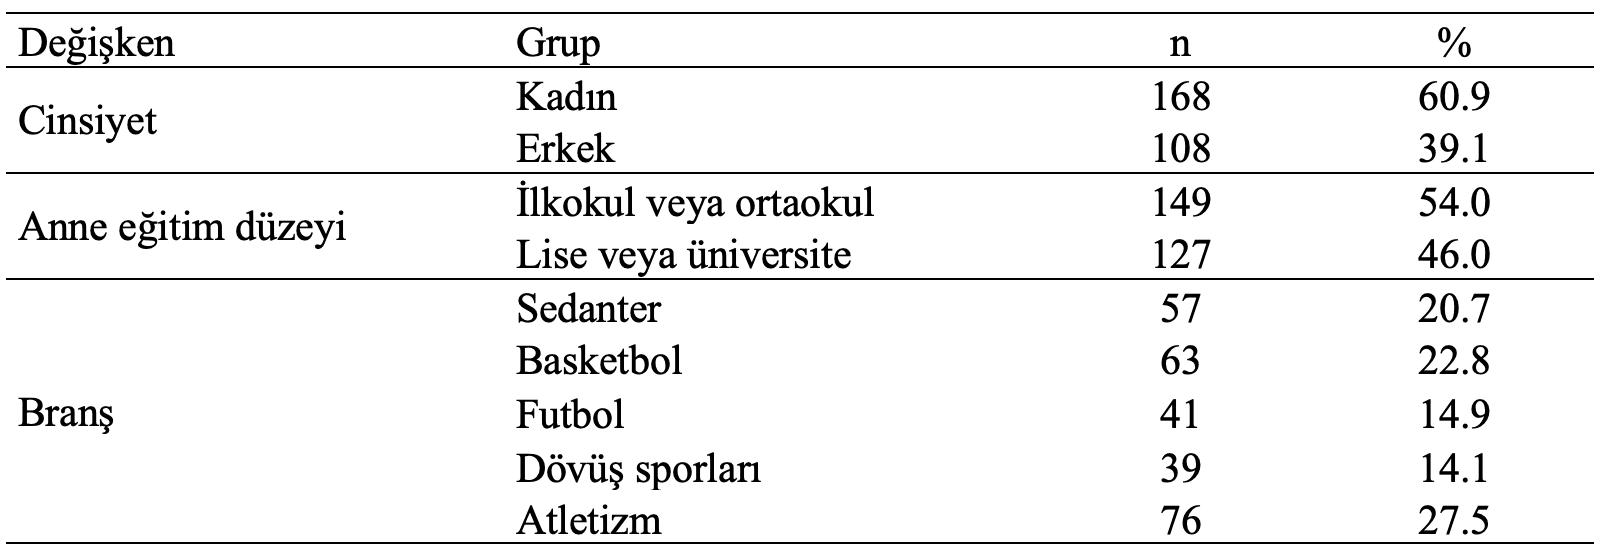 sporcuların bazı demografik bulguları